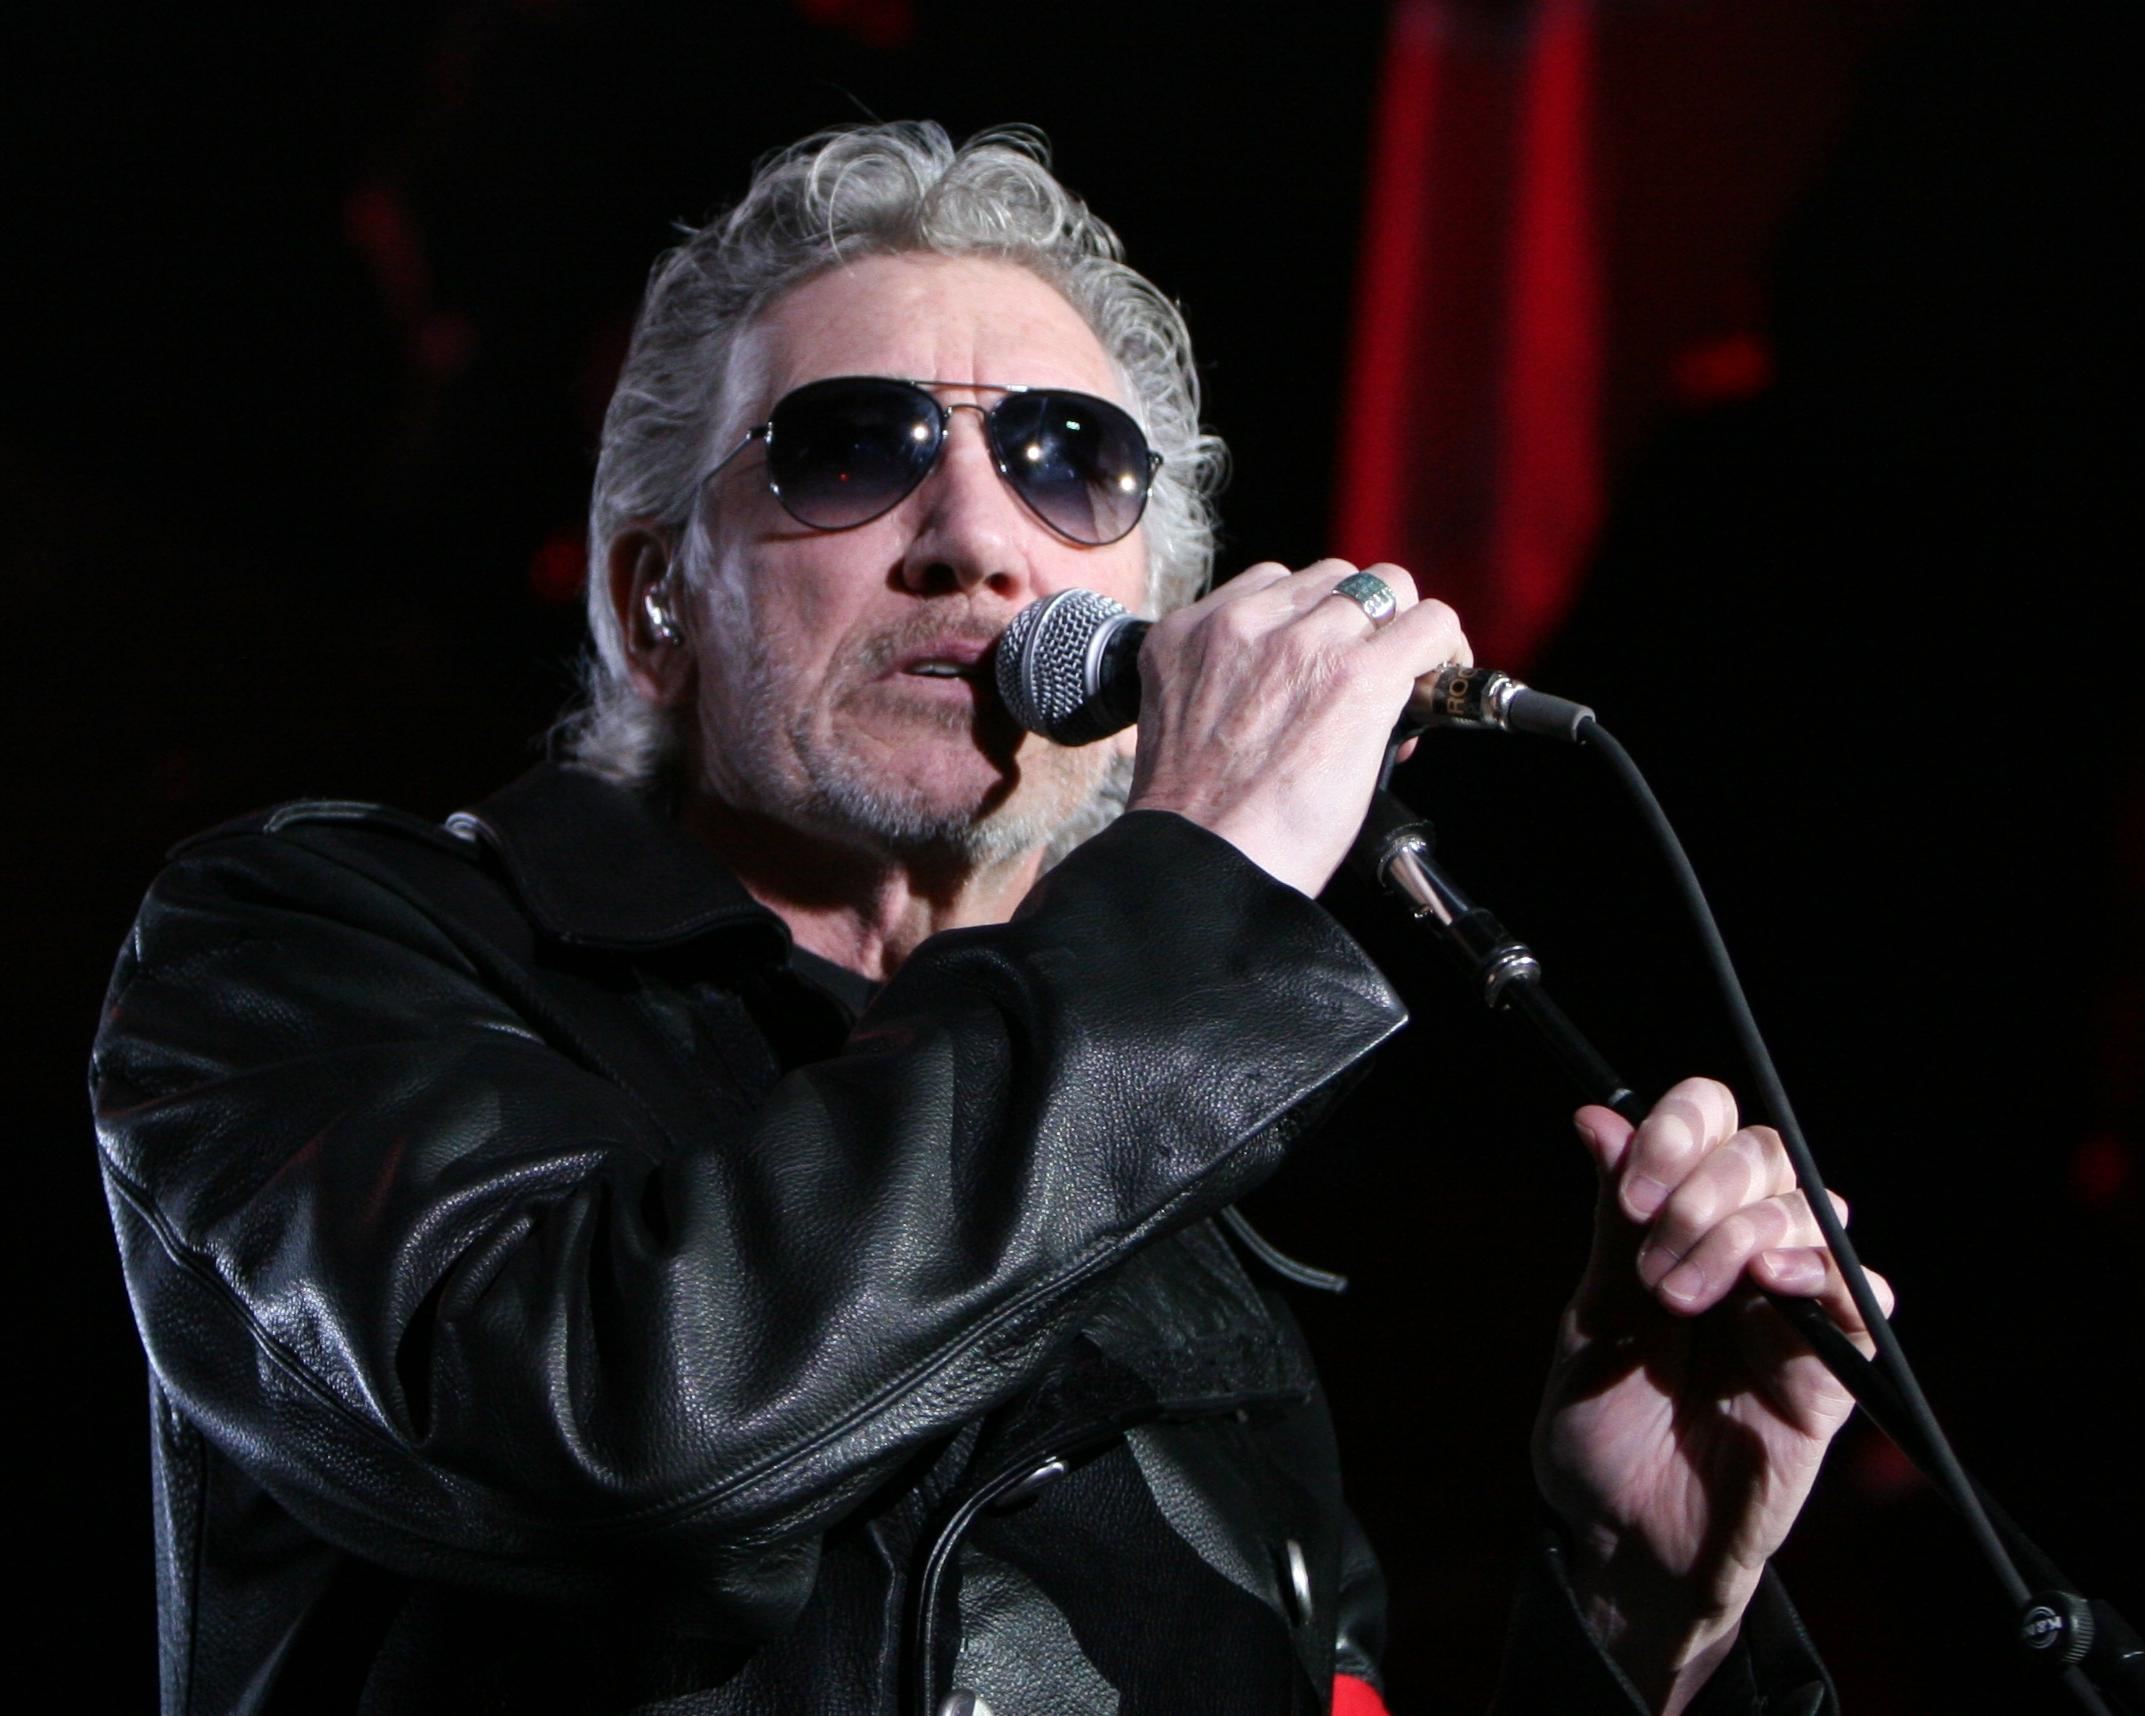 Roger Waters deja fluir música de Pink Floyd y critica a Peña Nieto y a Trump